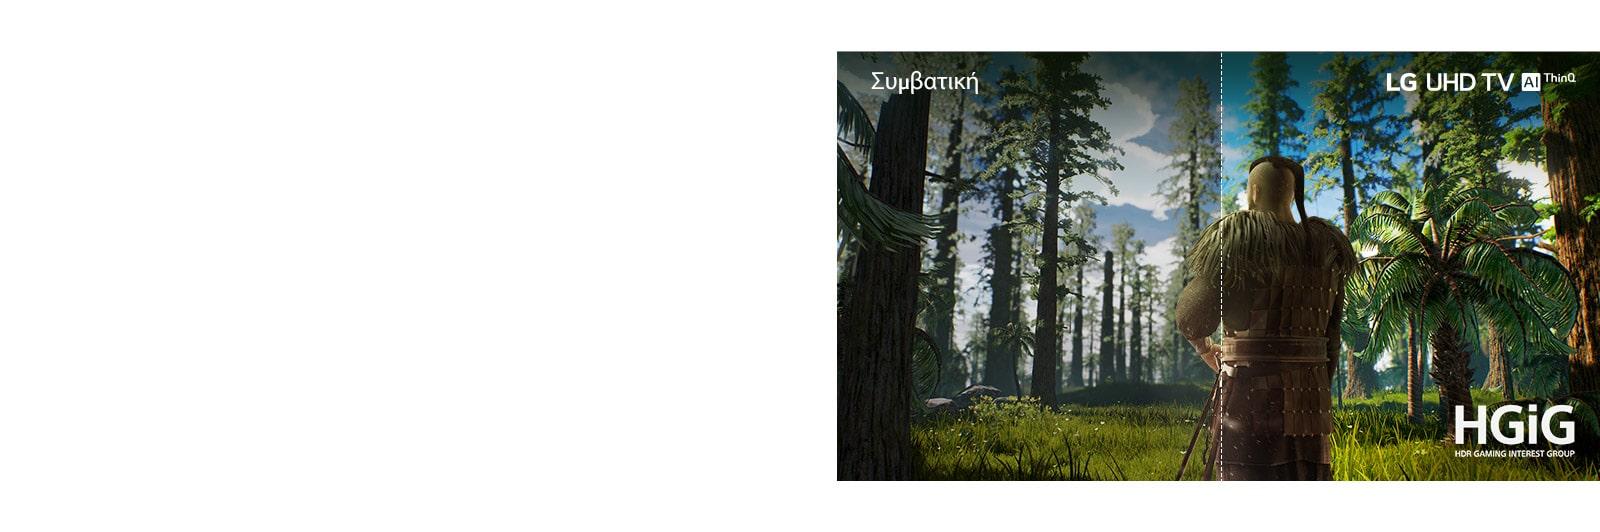 Μια οθόνη τηλεόρασης που δείχνει μια σκηνή παιχνιδιού, με έναν άνδρα να στέκεται στη μέση του δάσους. Η μισή σκηνή απεικονίζεται σε συμβατική οθόνη με χαμηλή ποιότητα εικόνας. Η άλλη μισή προβάλλεται σε κρυστάλλινη, ζωντανή ποιότητα εικόνας μιας τηλεόρασης LGUHD.